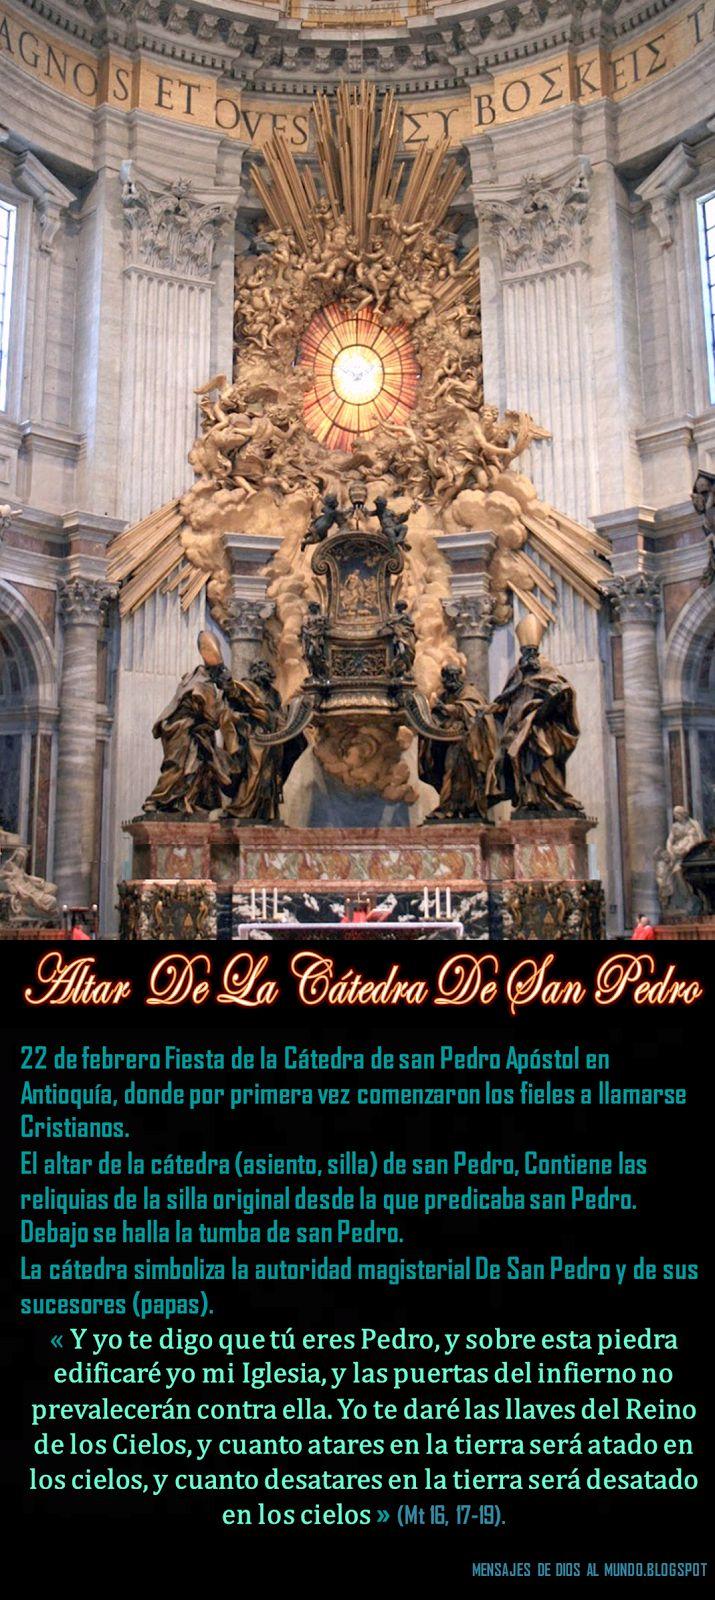 Mensajes De Dios A Su Iglesia Remanente: 22 DE FEBRERO  FIESTA DE LA CÁTEDRA DE SAN PEDRO A...